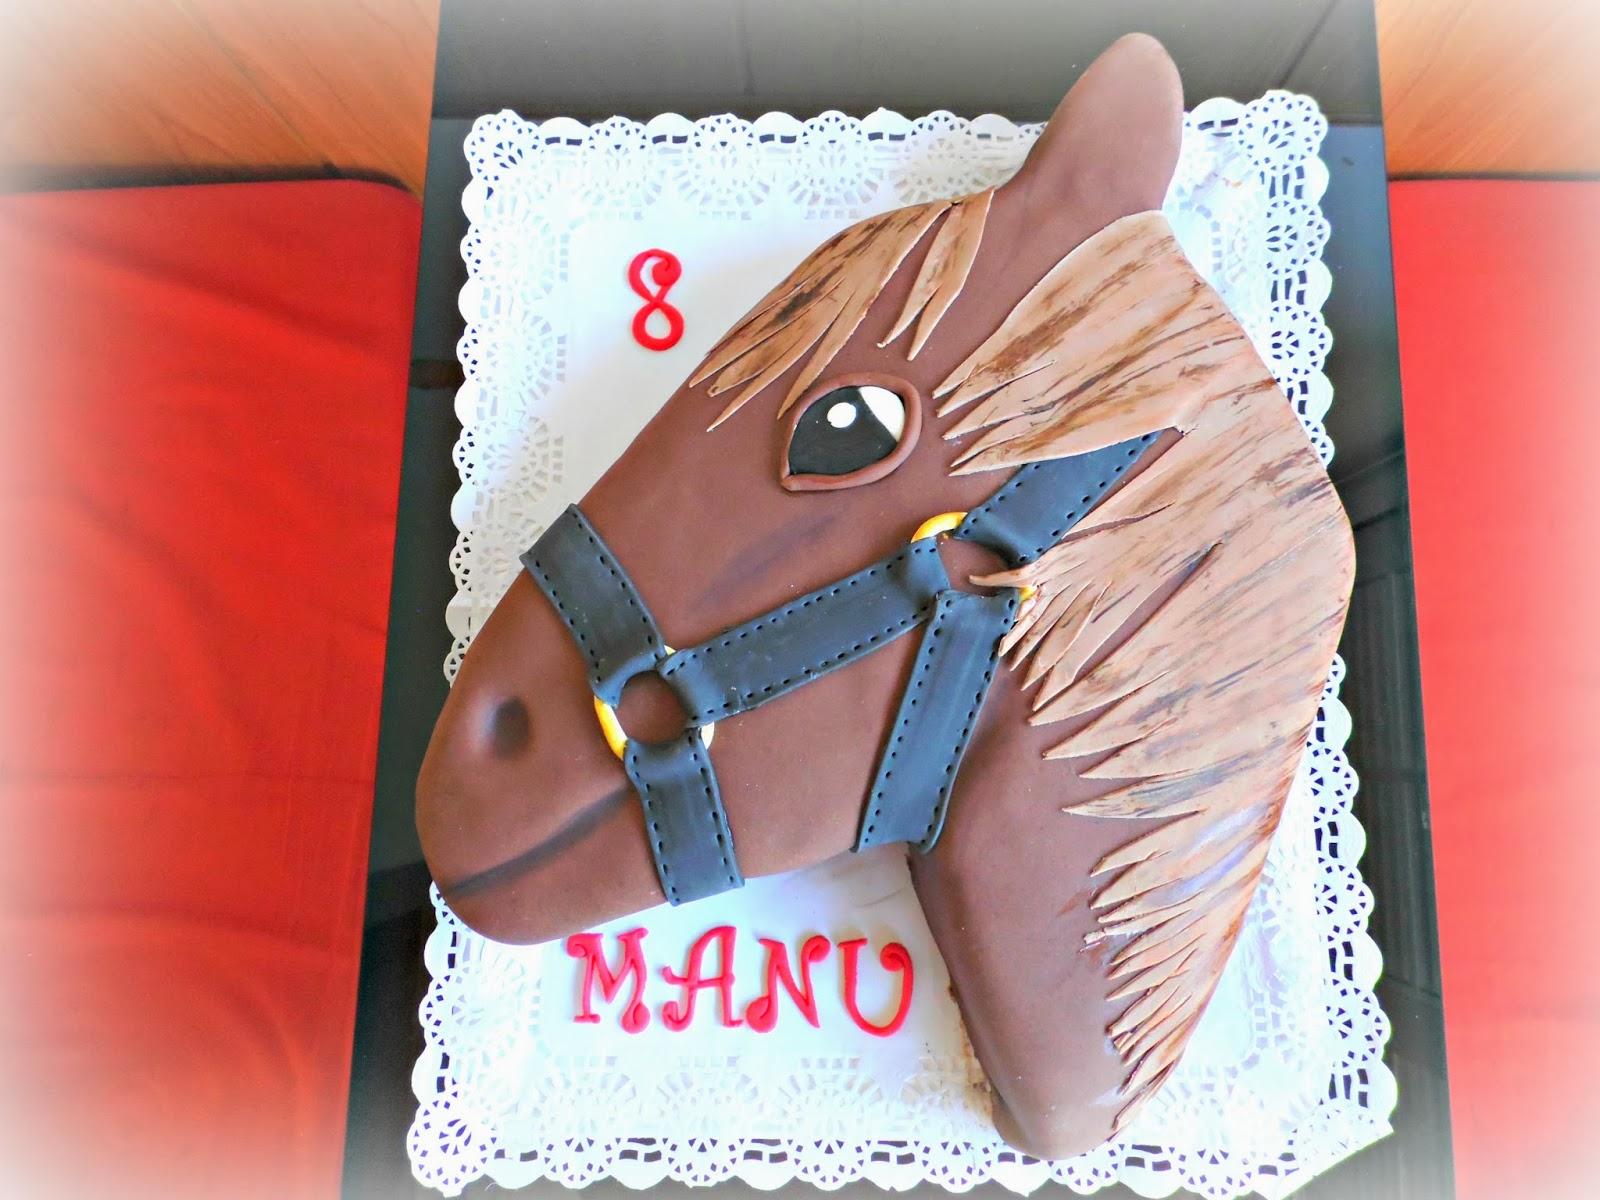 http://www.experimentando-enla-cocina.blogspot.com.es/2013/08/cumple-manu-como-hacer-una-tarta-de.html